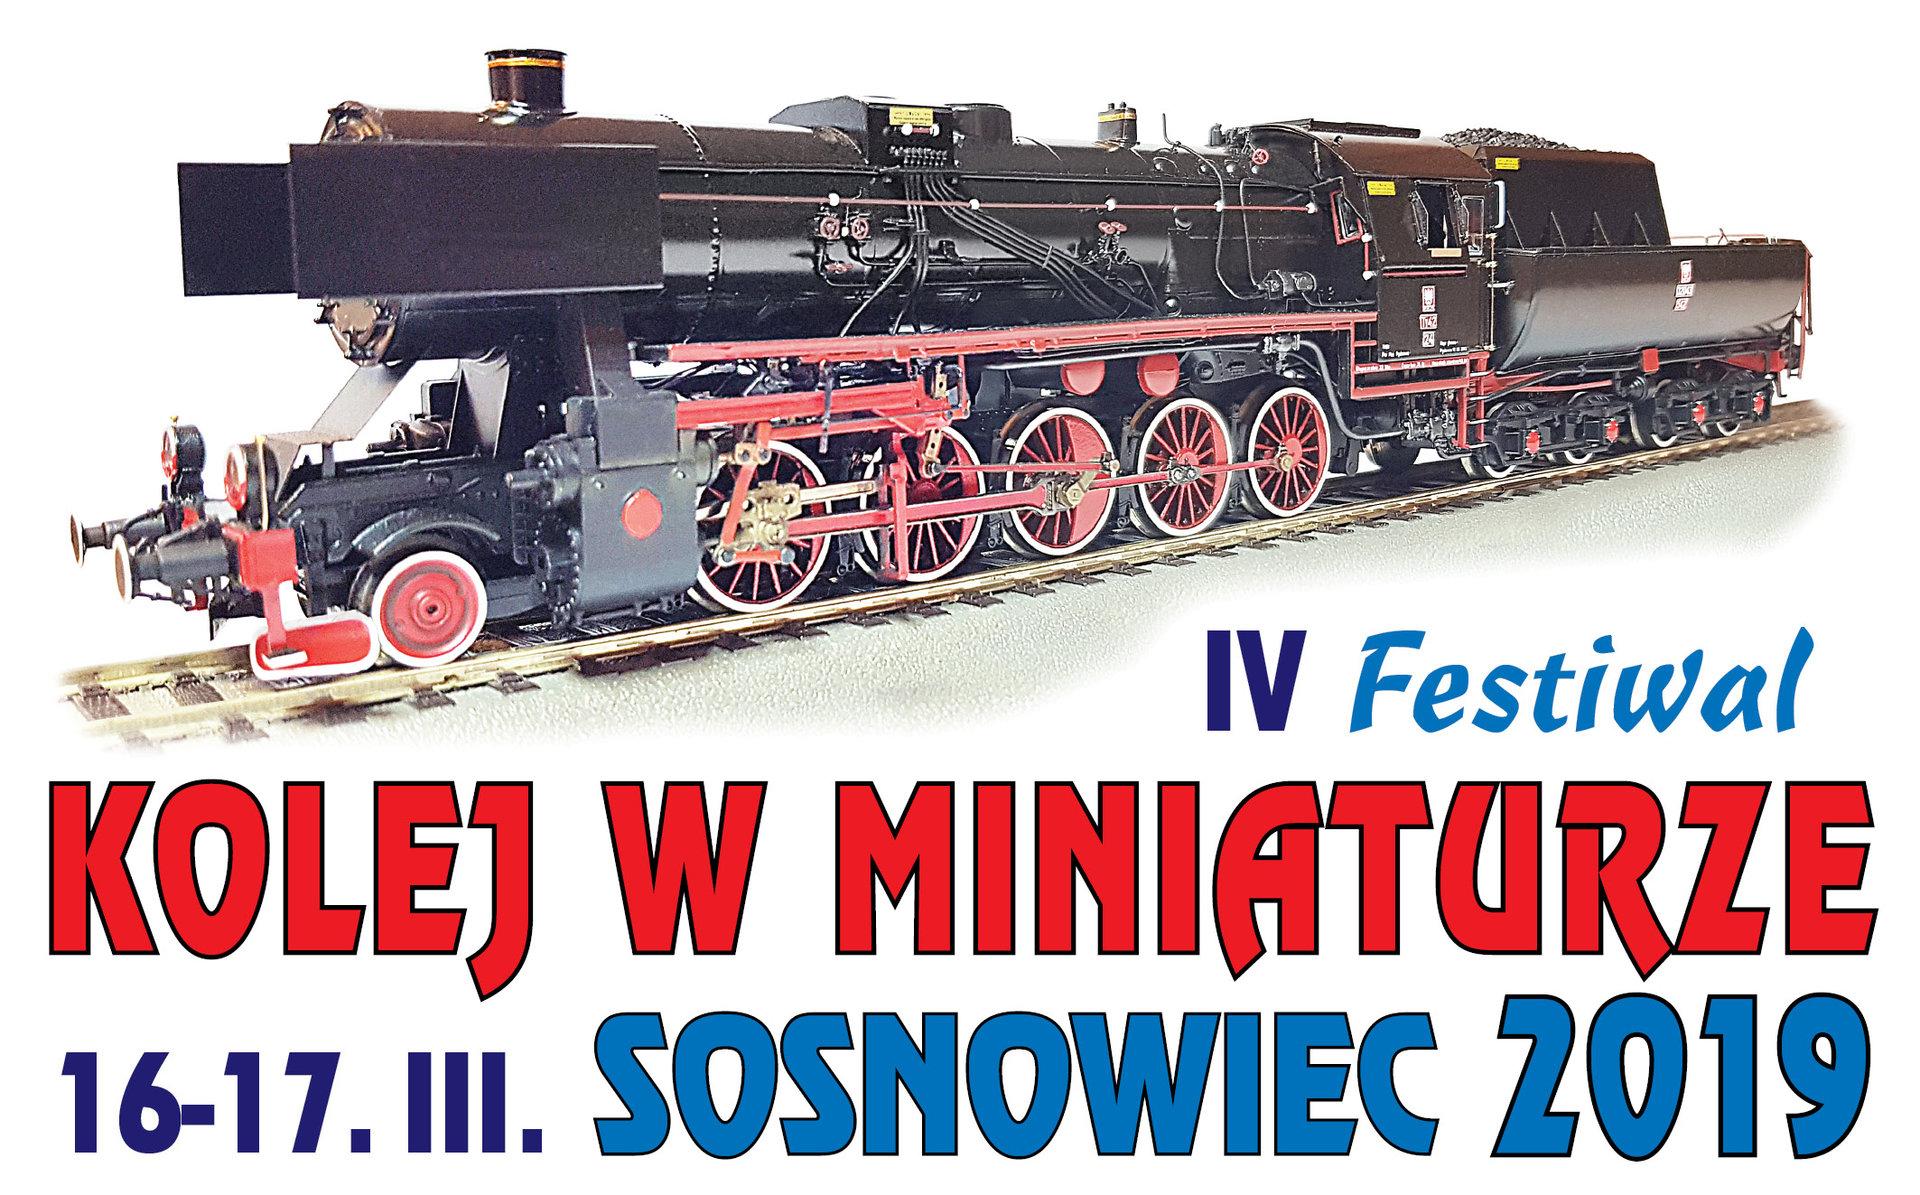 FestiwalSosnowiec2019-logo-max (1).jpg